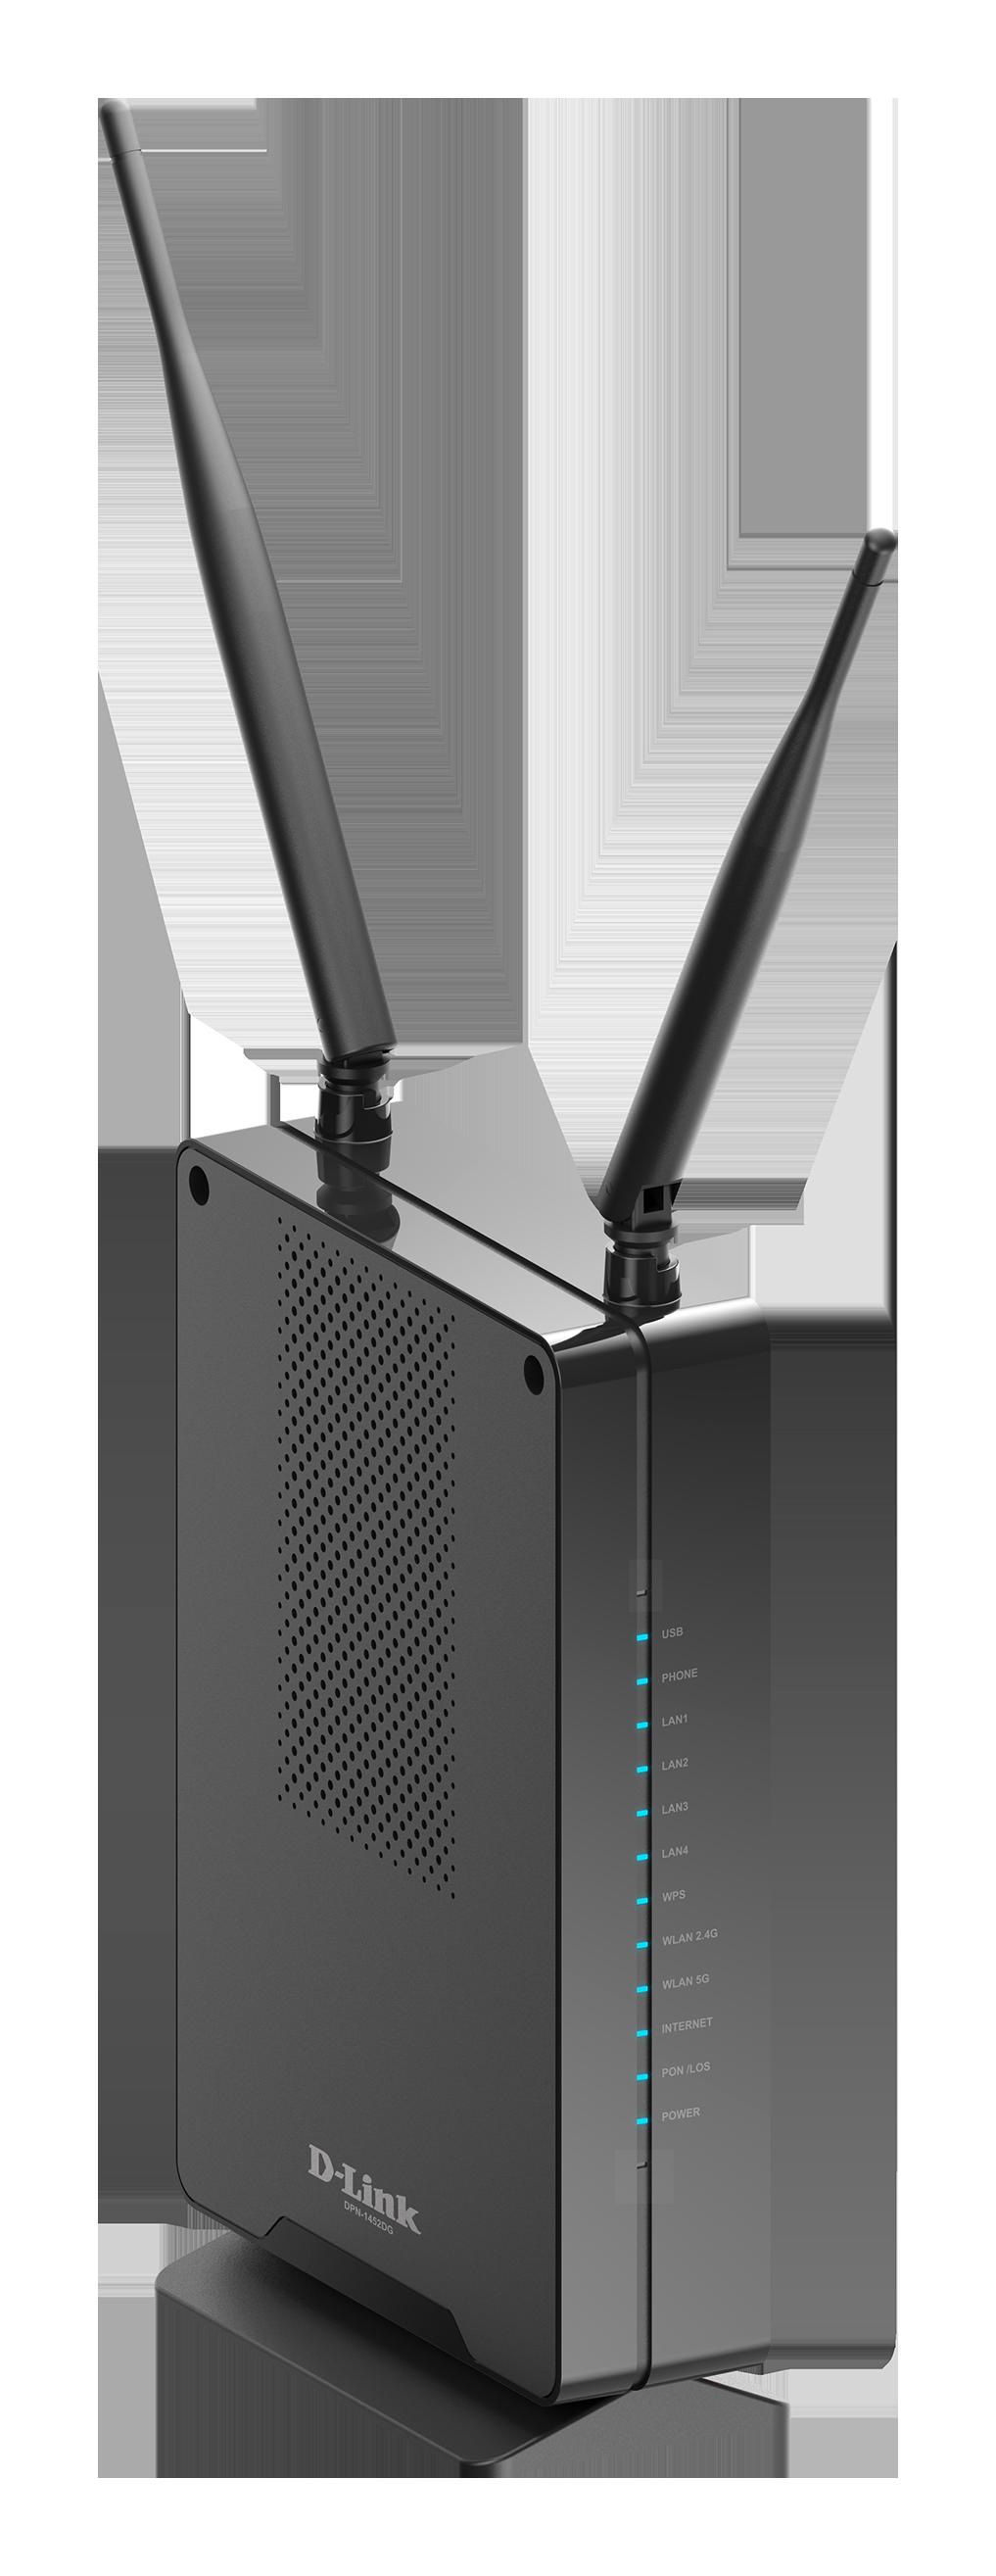 GPON ONT Wi-Fi AC1200 Gigabit Ethernet